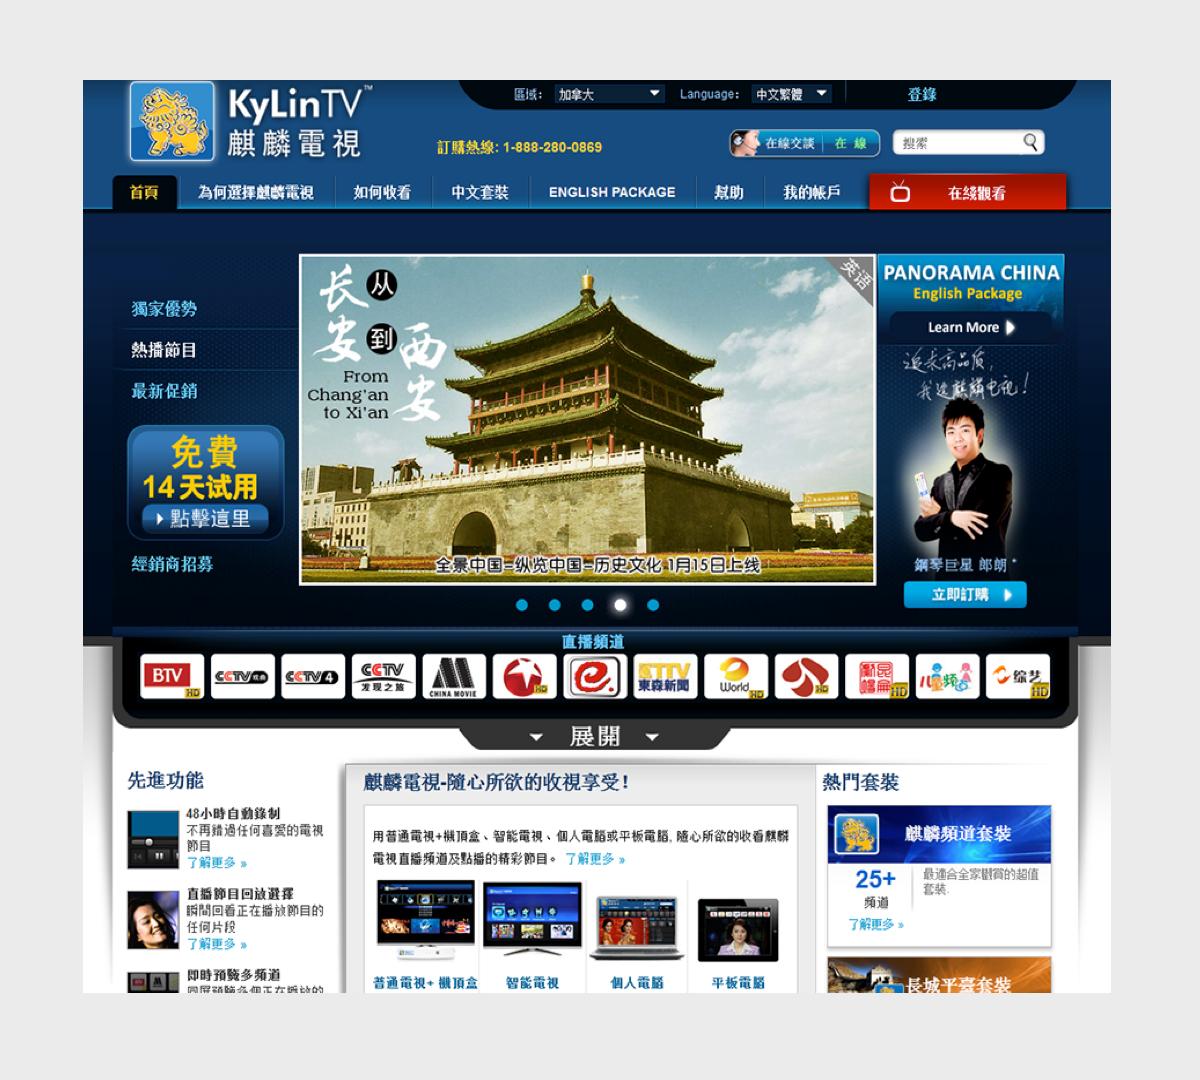 Ky Lin TV